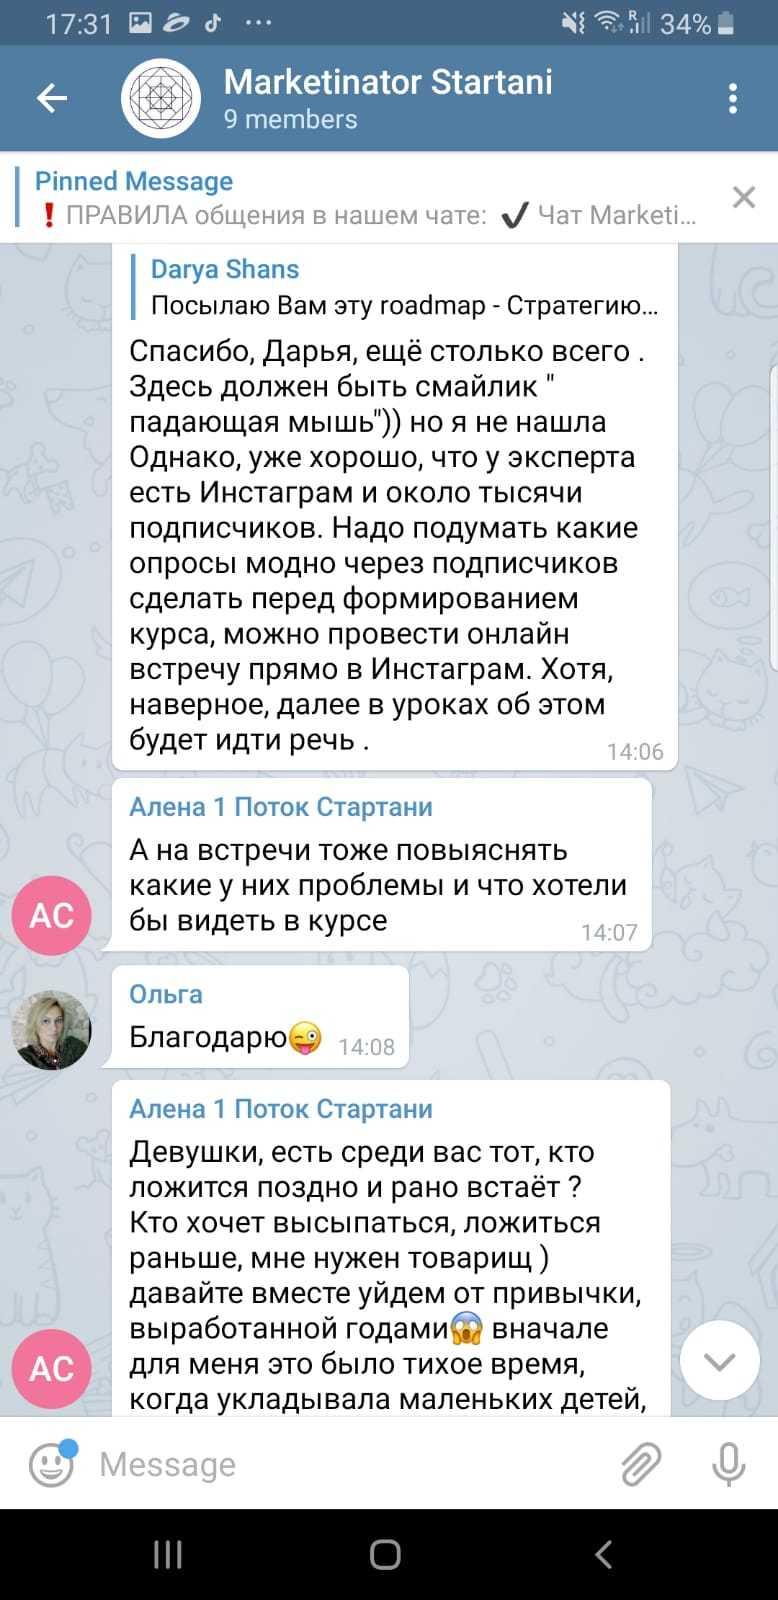 vstavil-bez-razresheniya-onlayn-buhie-nevesti-pokazivayut